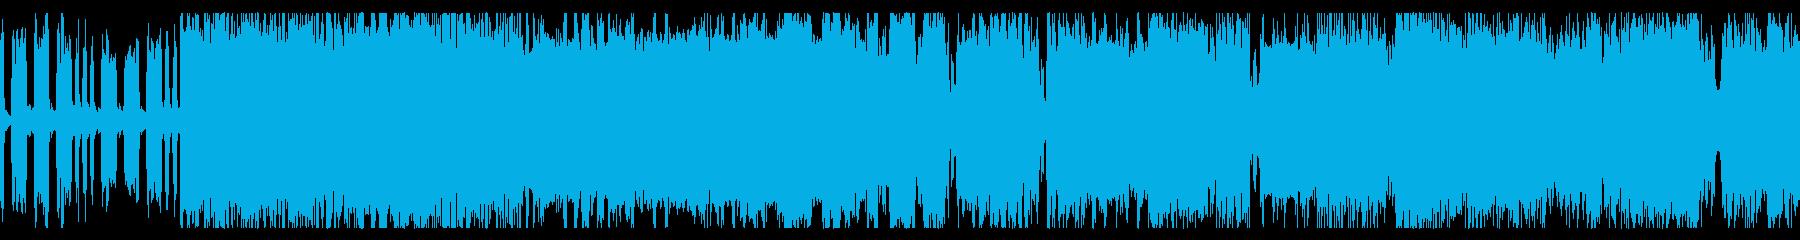 バトル向けな3連リズムのチップチューンの再生済みの波形